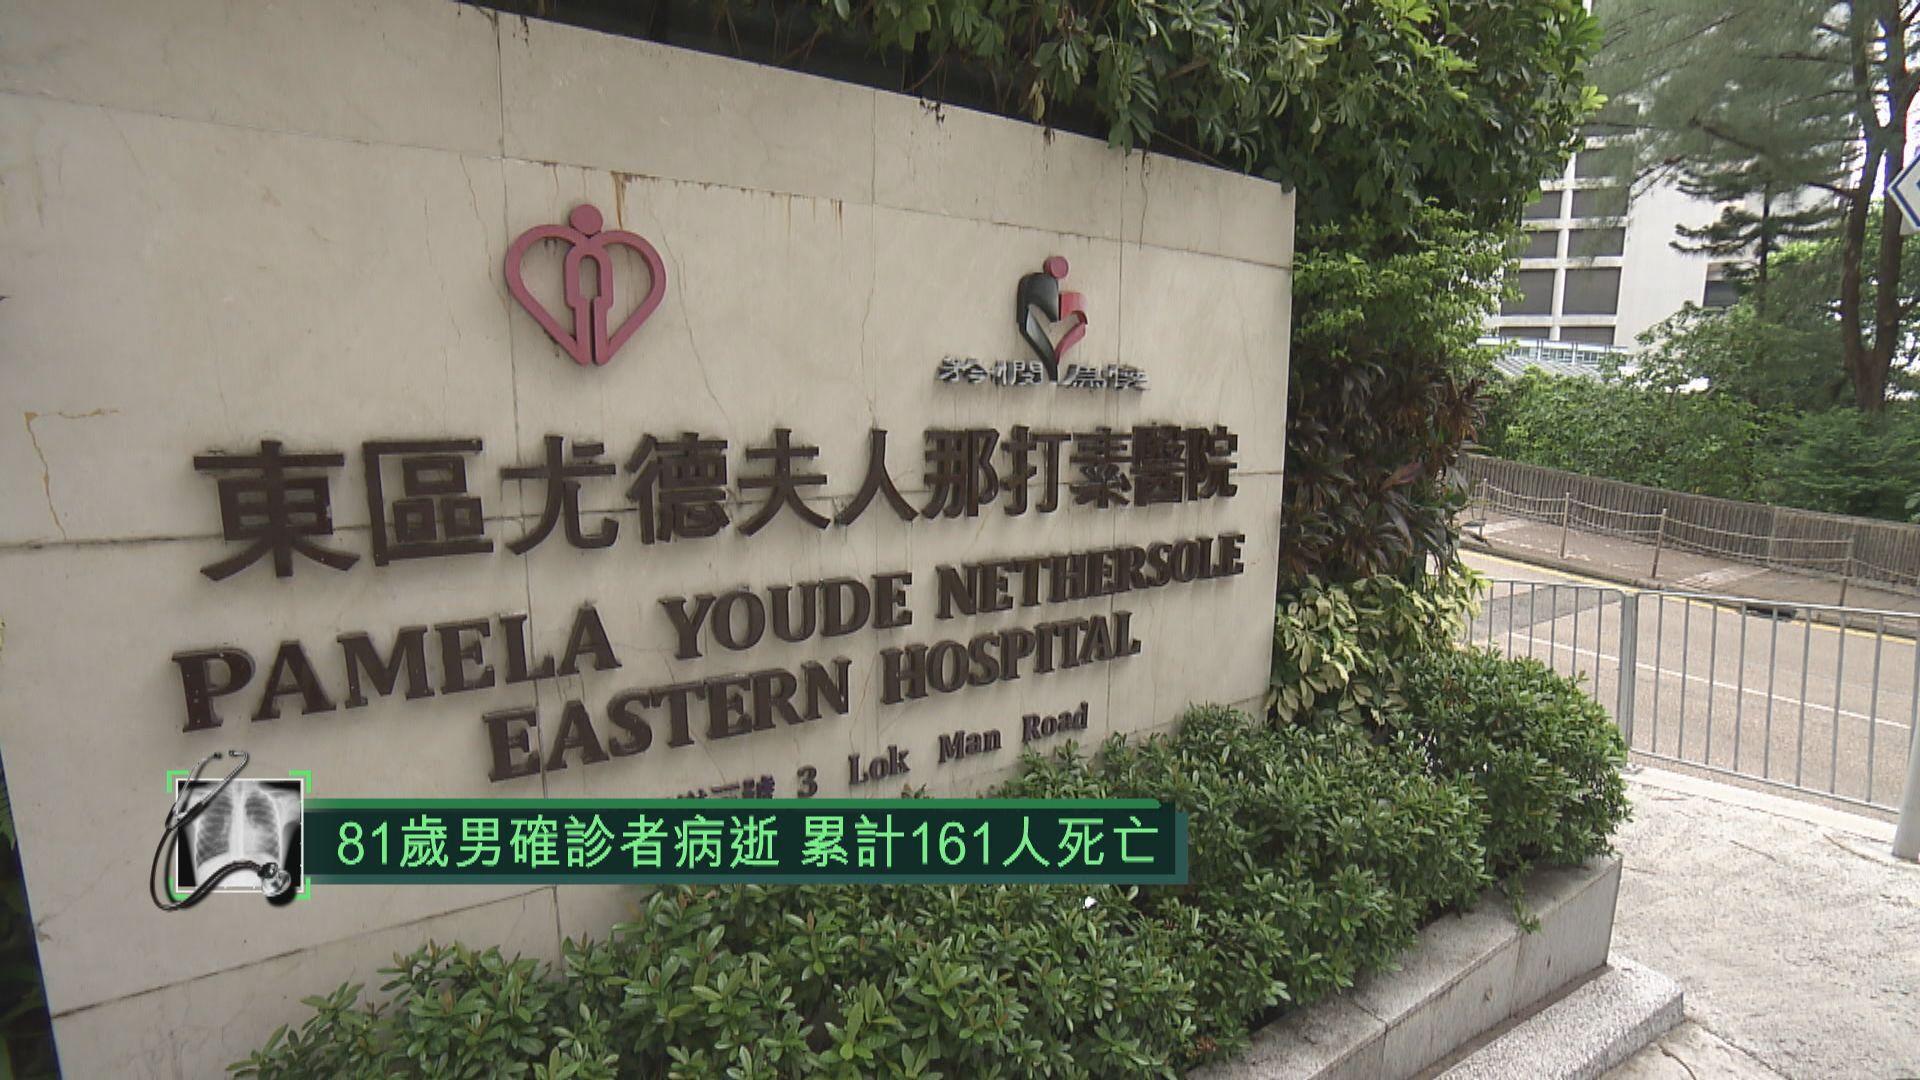 81歲新冠病毒男確診者病逝 累計161人死亡